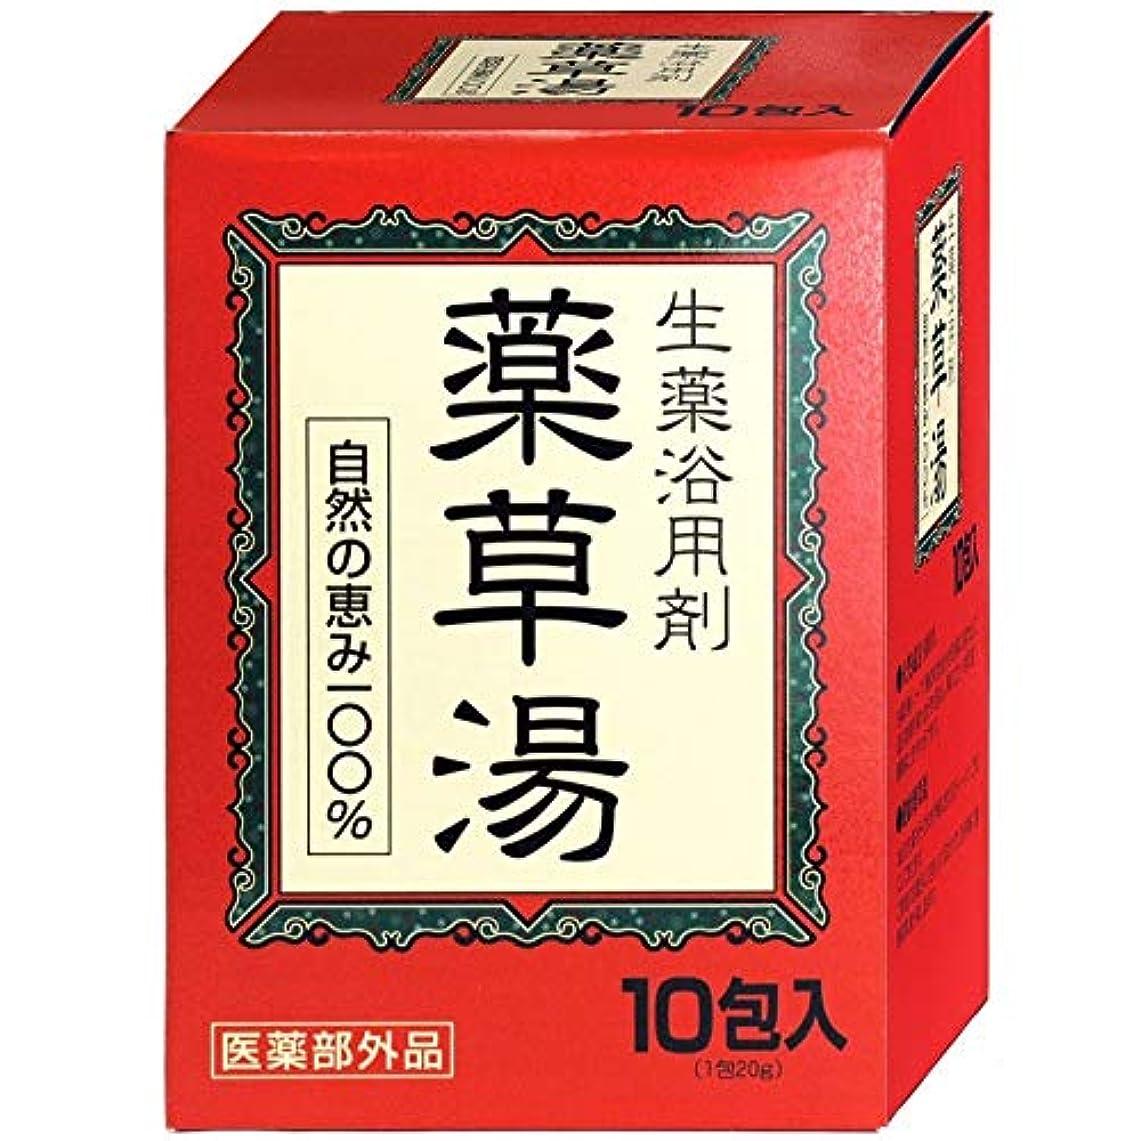 無実強制ユニークなVVN生薬入浴剤薬草湯10包×(10セット)